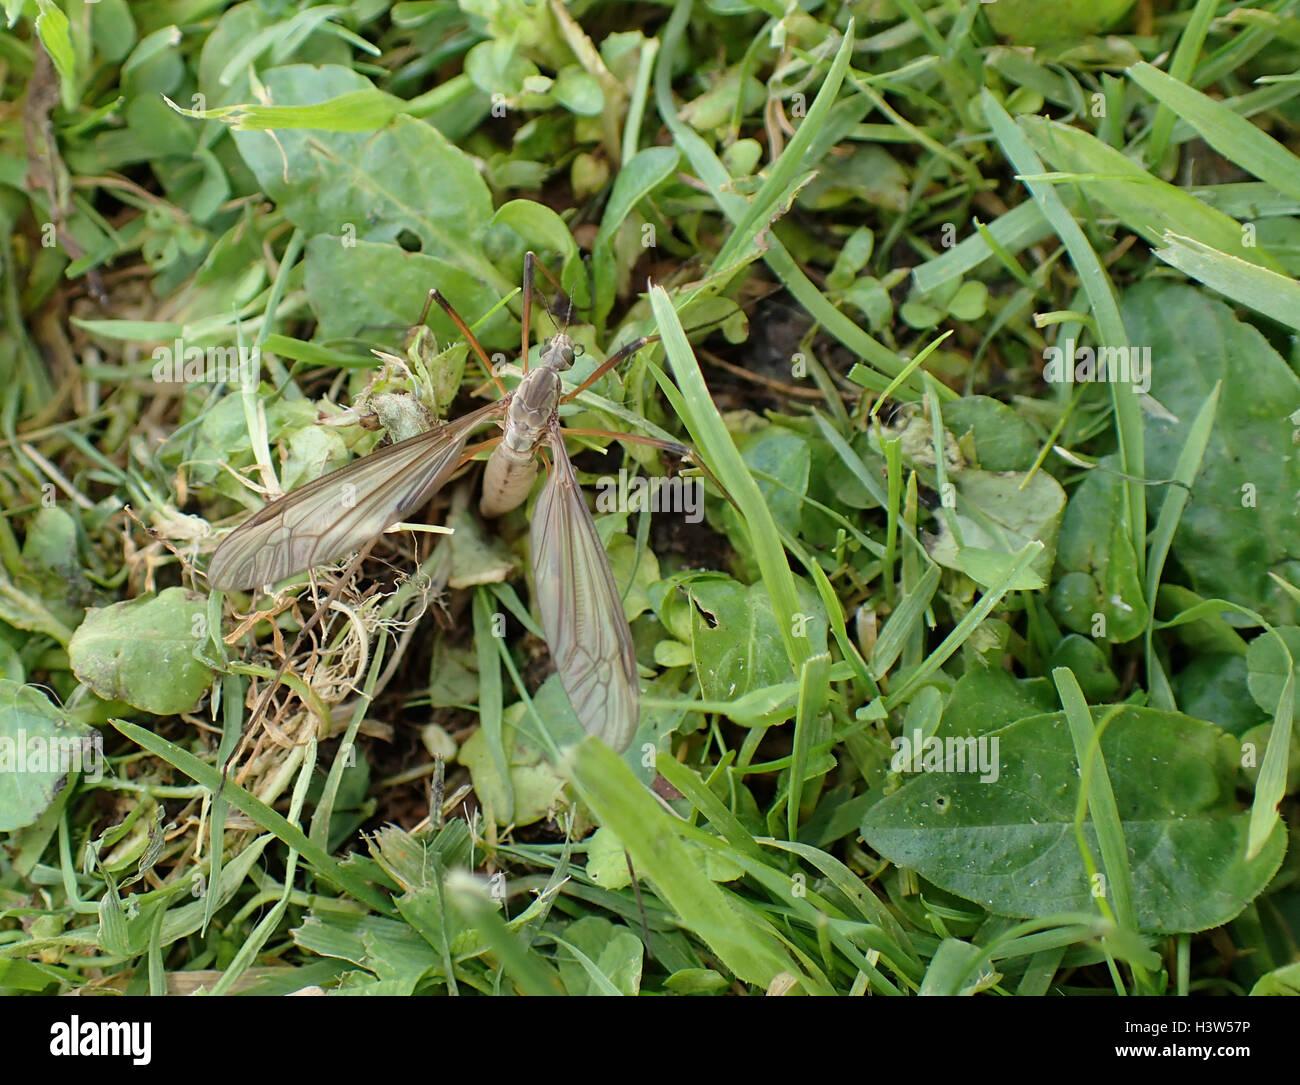 Nahaufnahme des weiblichen Kran-Fly (Tipula Oleracea) Eiablage im Rasen, von oben gesehen Stockbild